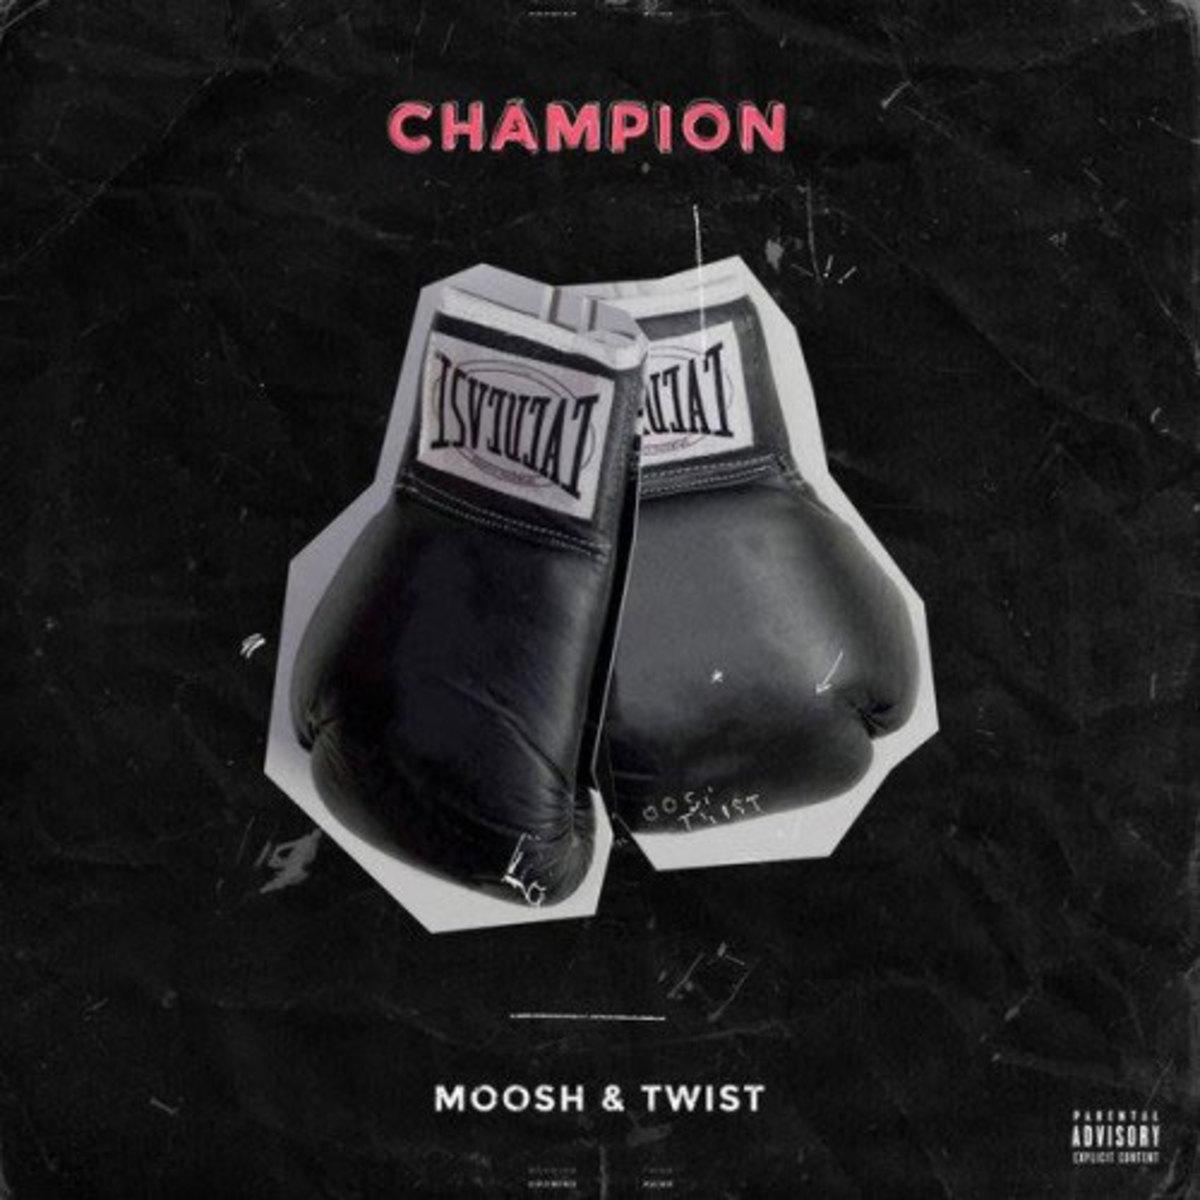 moosh-twist-champion.jpg